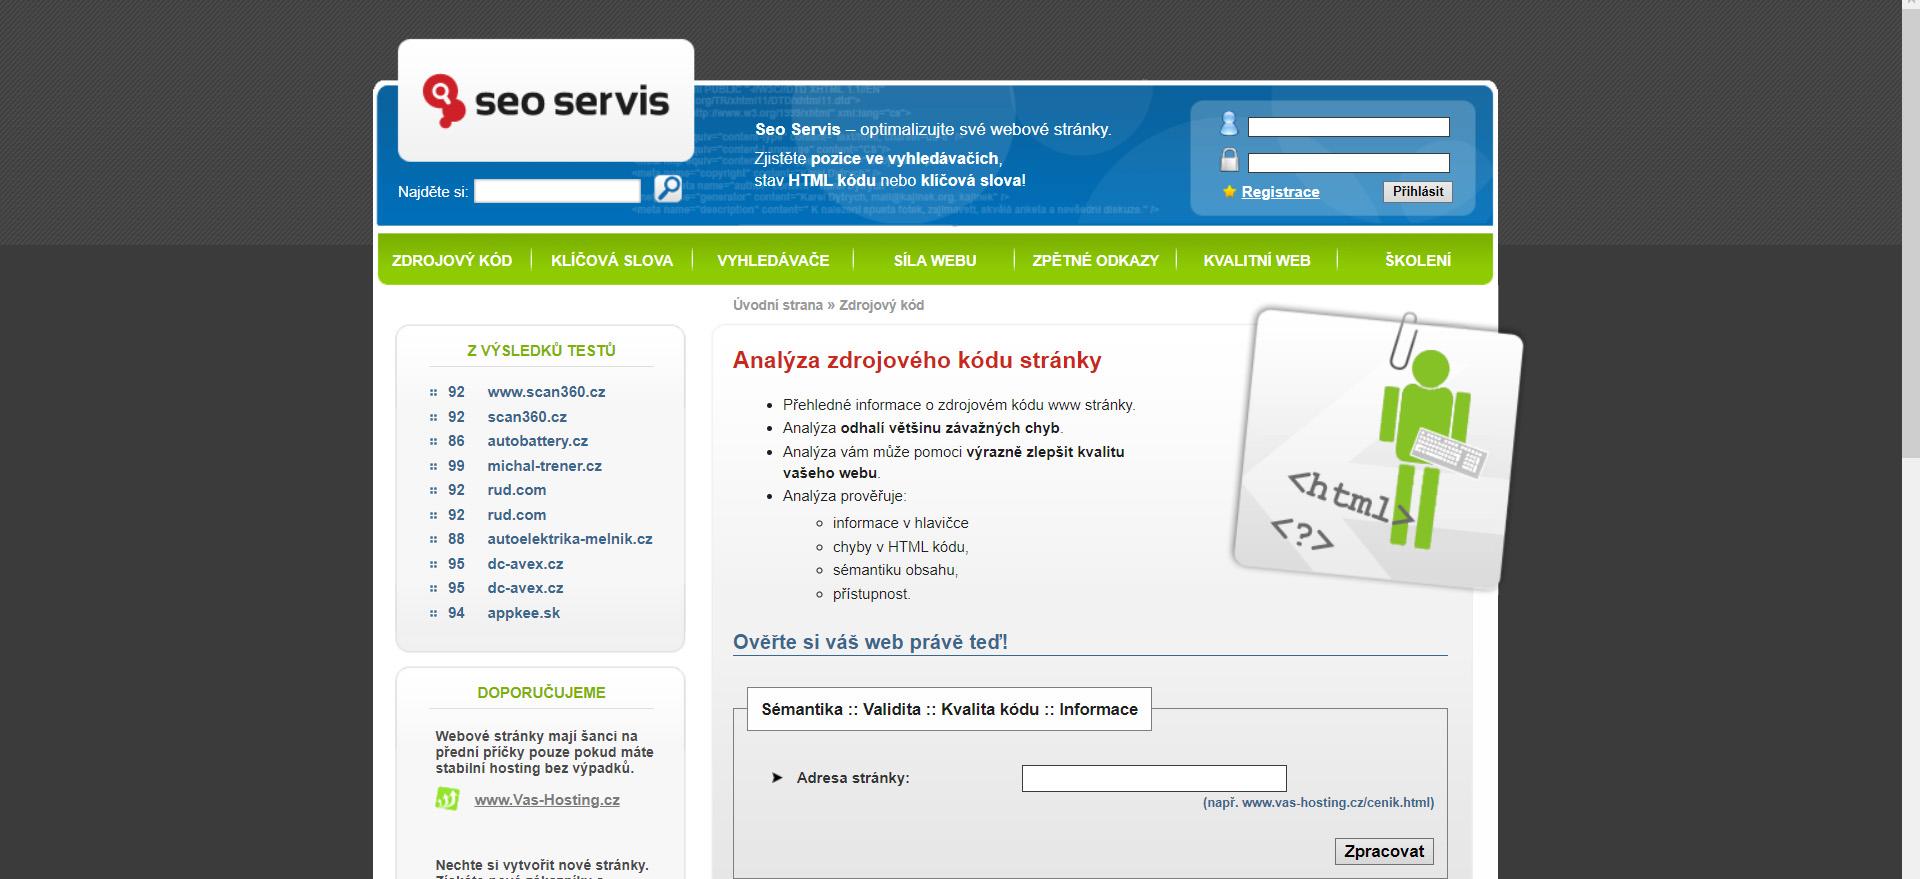 Zoznam bezplatných nástrojov pre prácu s webom